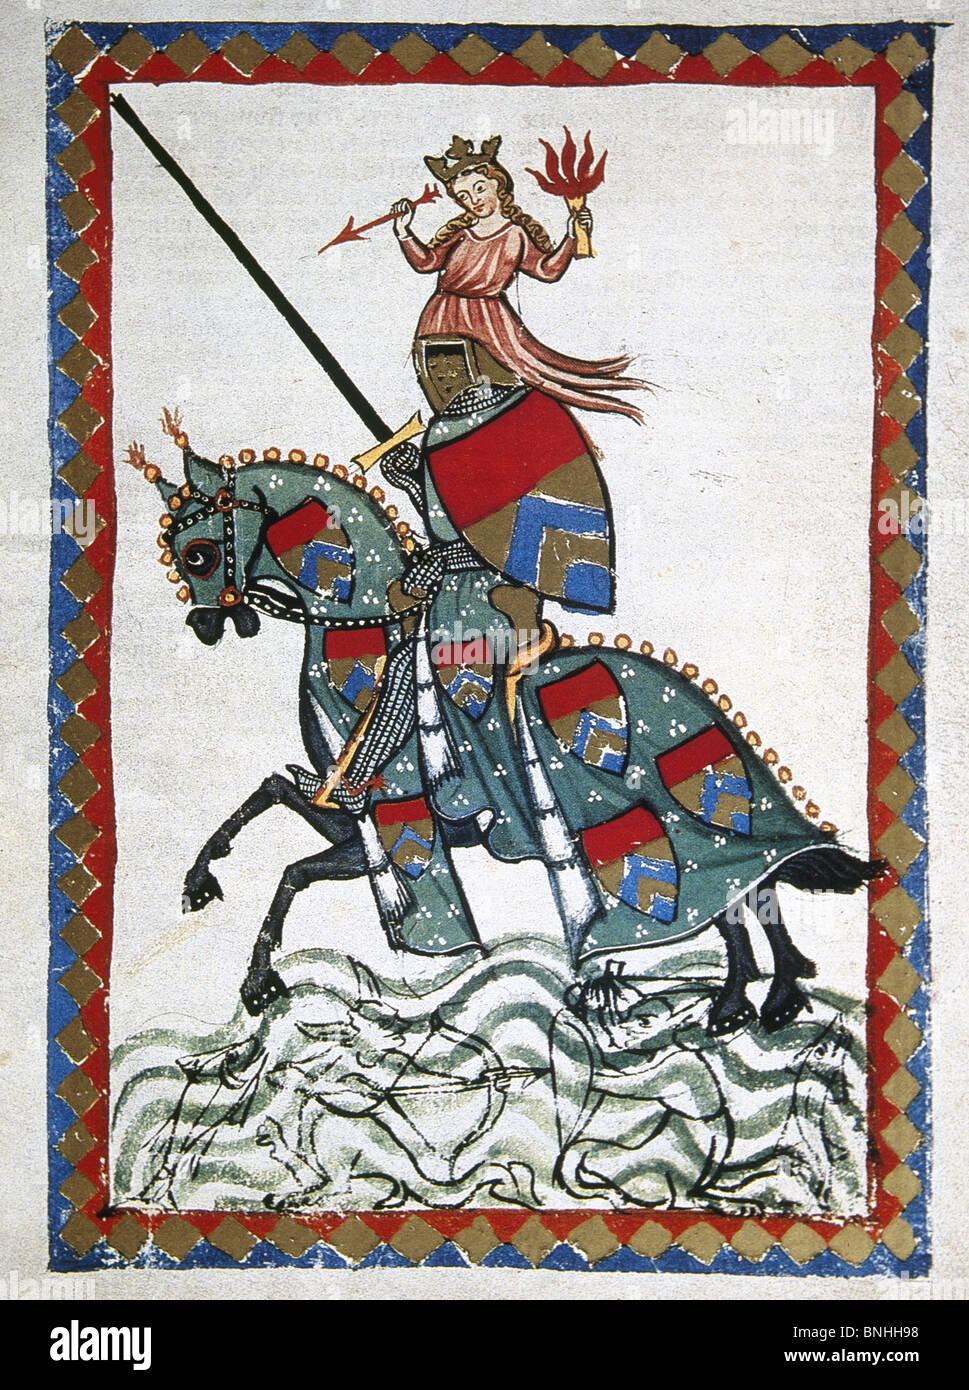 Ulrich von Liechtenstein (1200 ? 1278), mittelalterlichen Edelmann, Ritter, Politiker und Minnesanger. Ulrich auf Stockbild